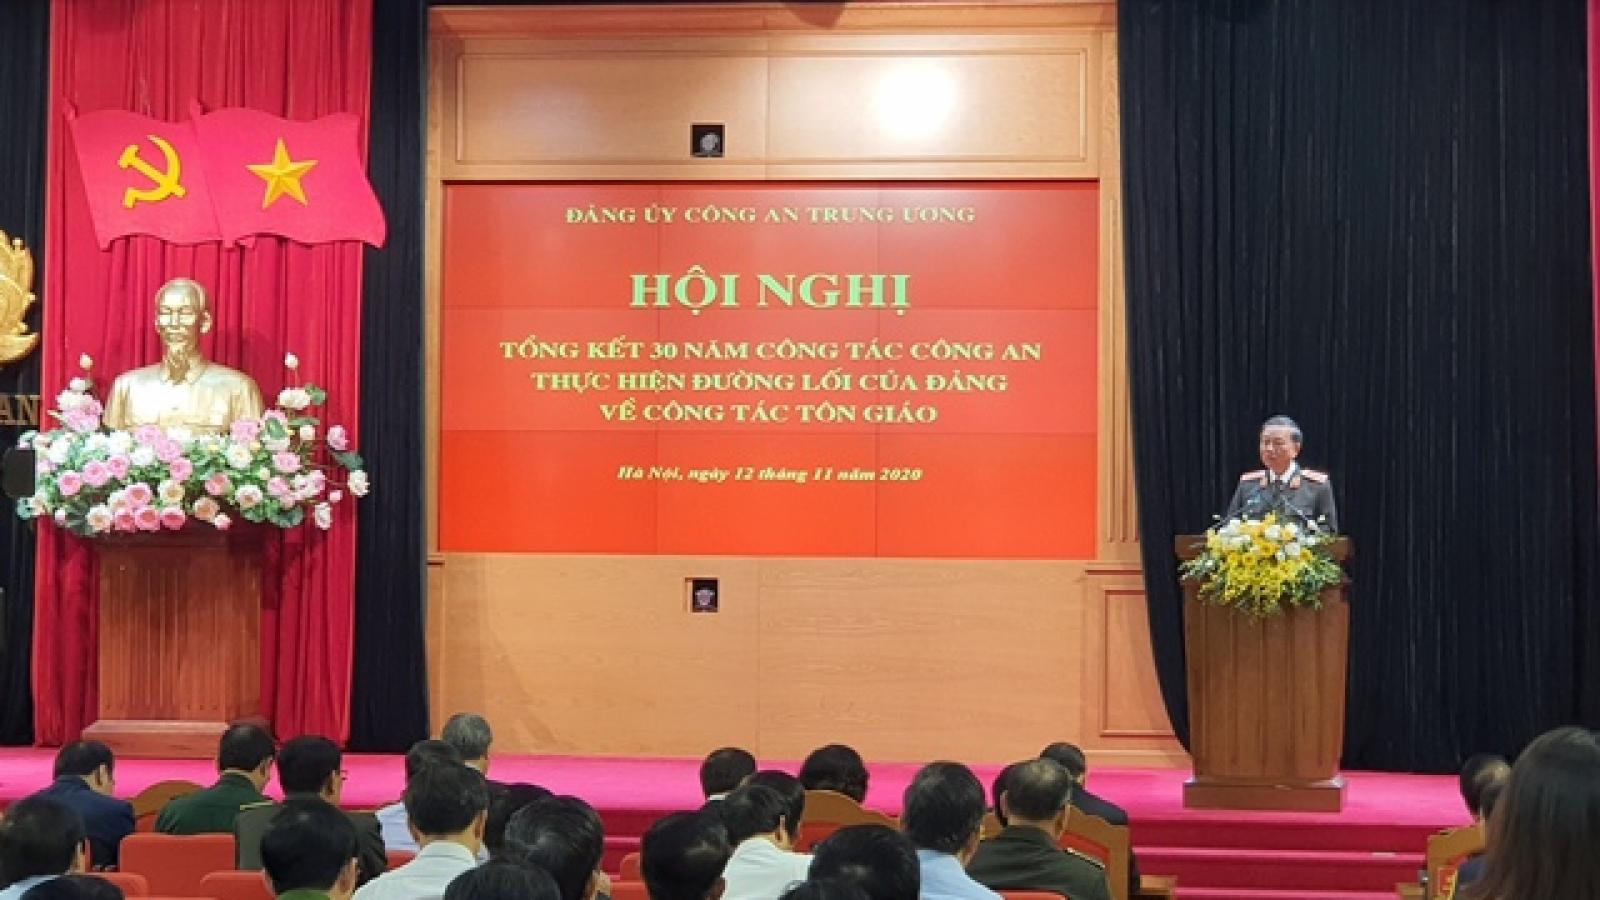 Công an chú trọng thực hiện đường lối của Đảng về công tác tôn giáo